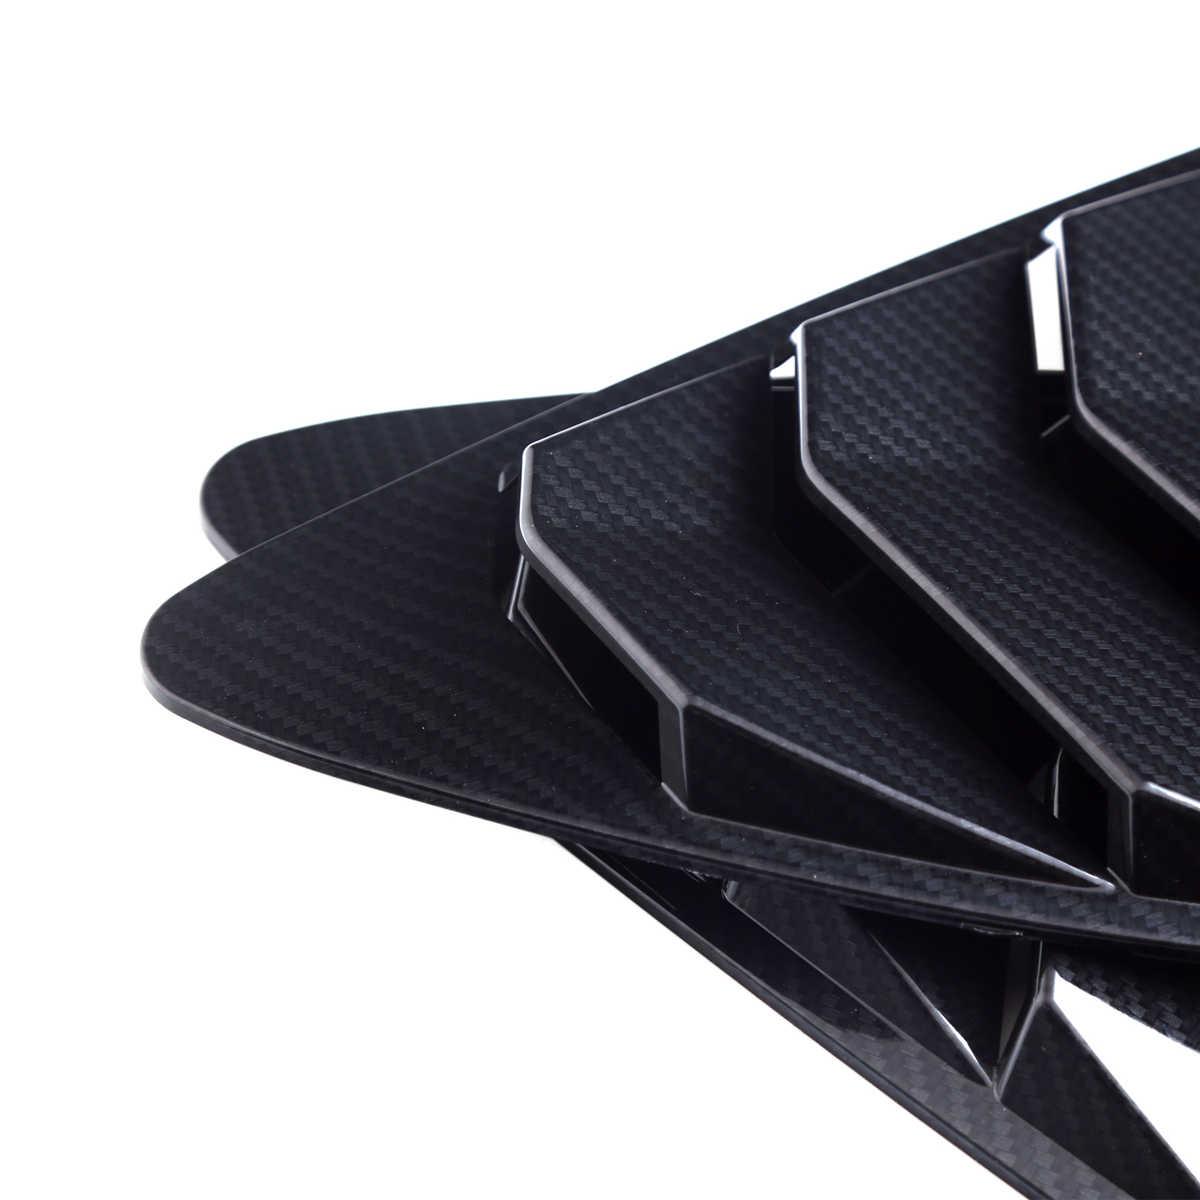 1 пара ABS пластмассовый задний жалюзи четверть боковая оконная панель боковые оконные жалюзи колпак воздухозаборника для Scion FRS для Subaru BRZ 2013-2018